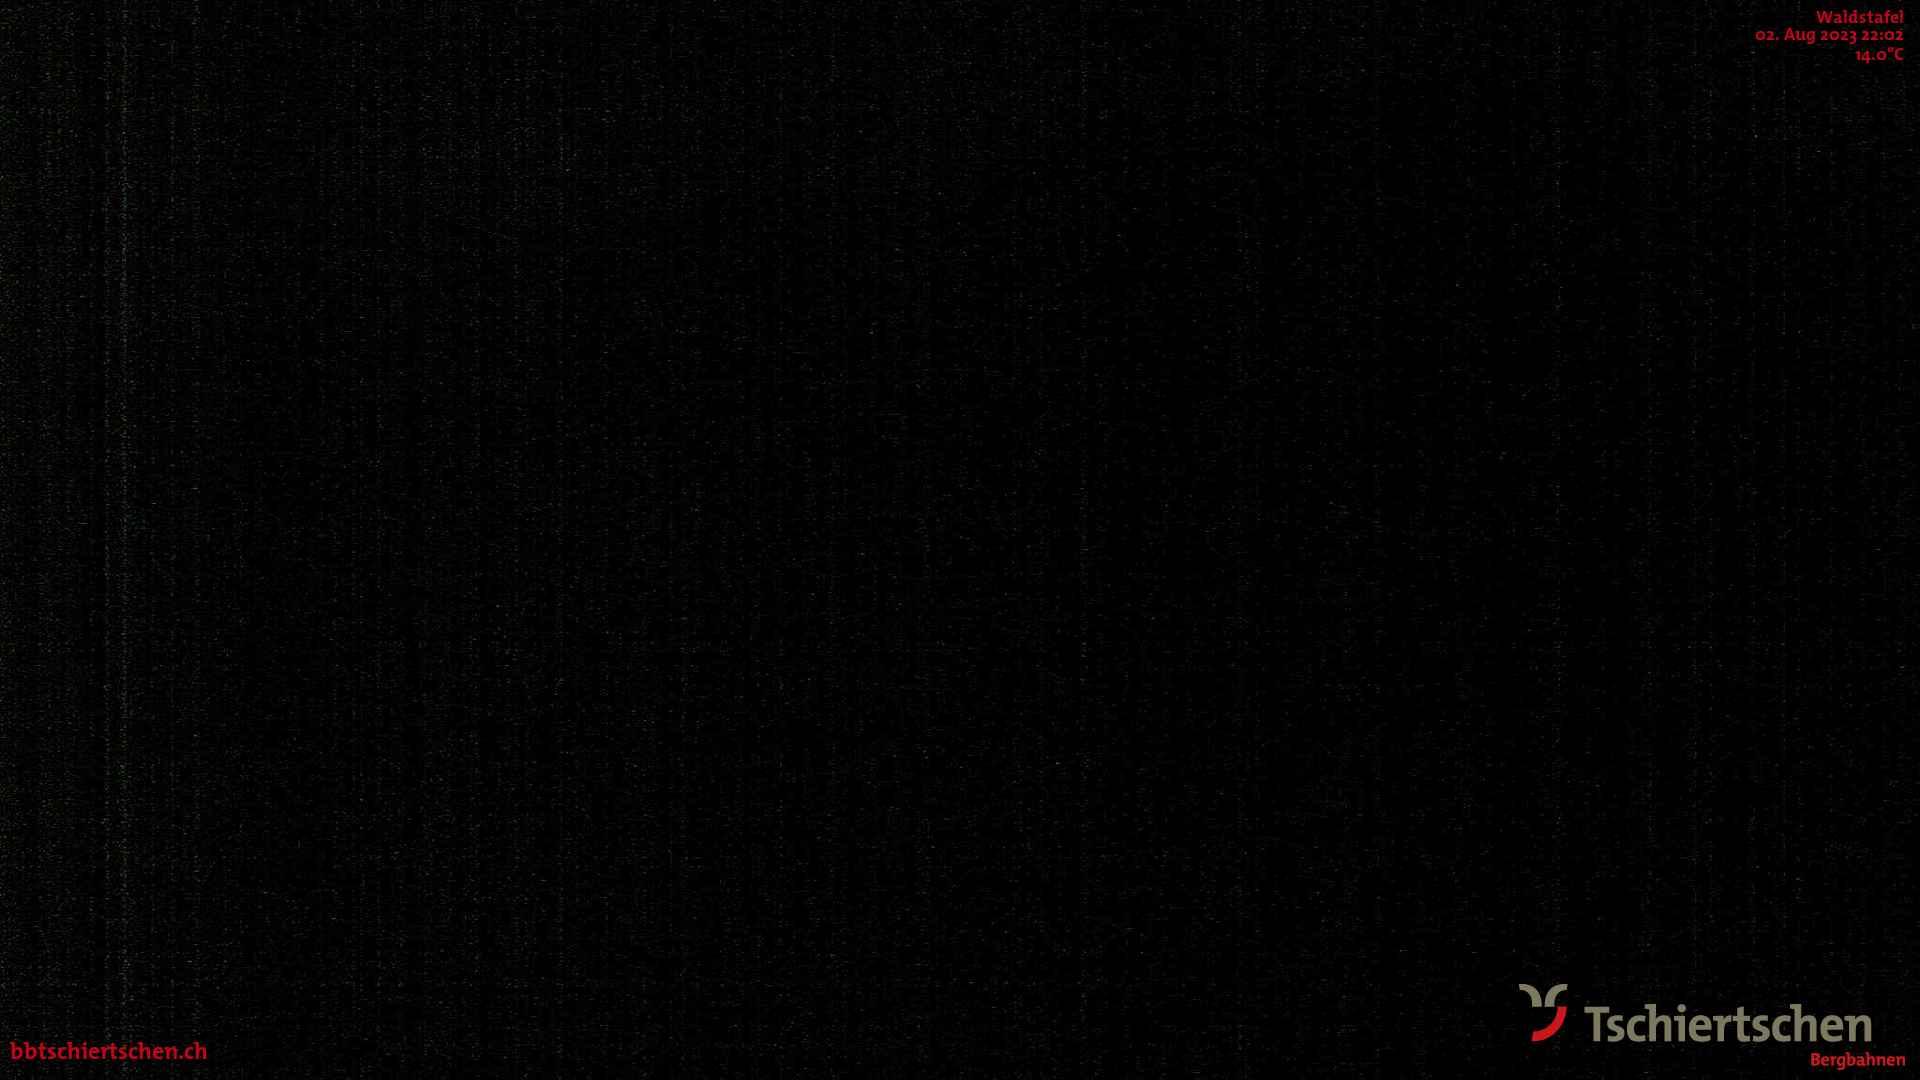 Tschiertschen Waldstafel